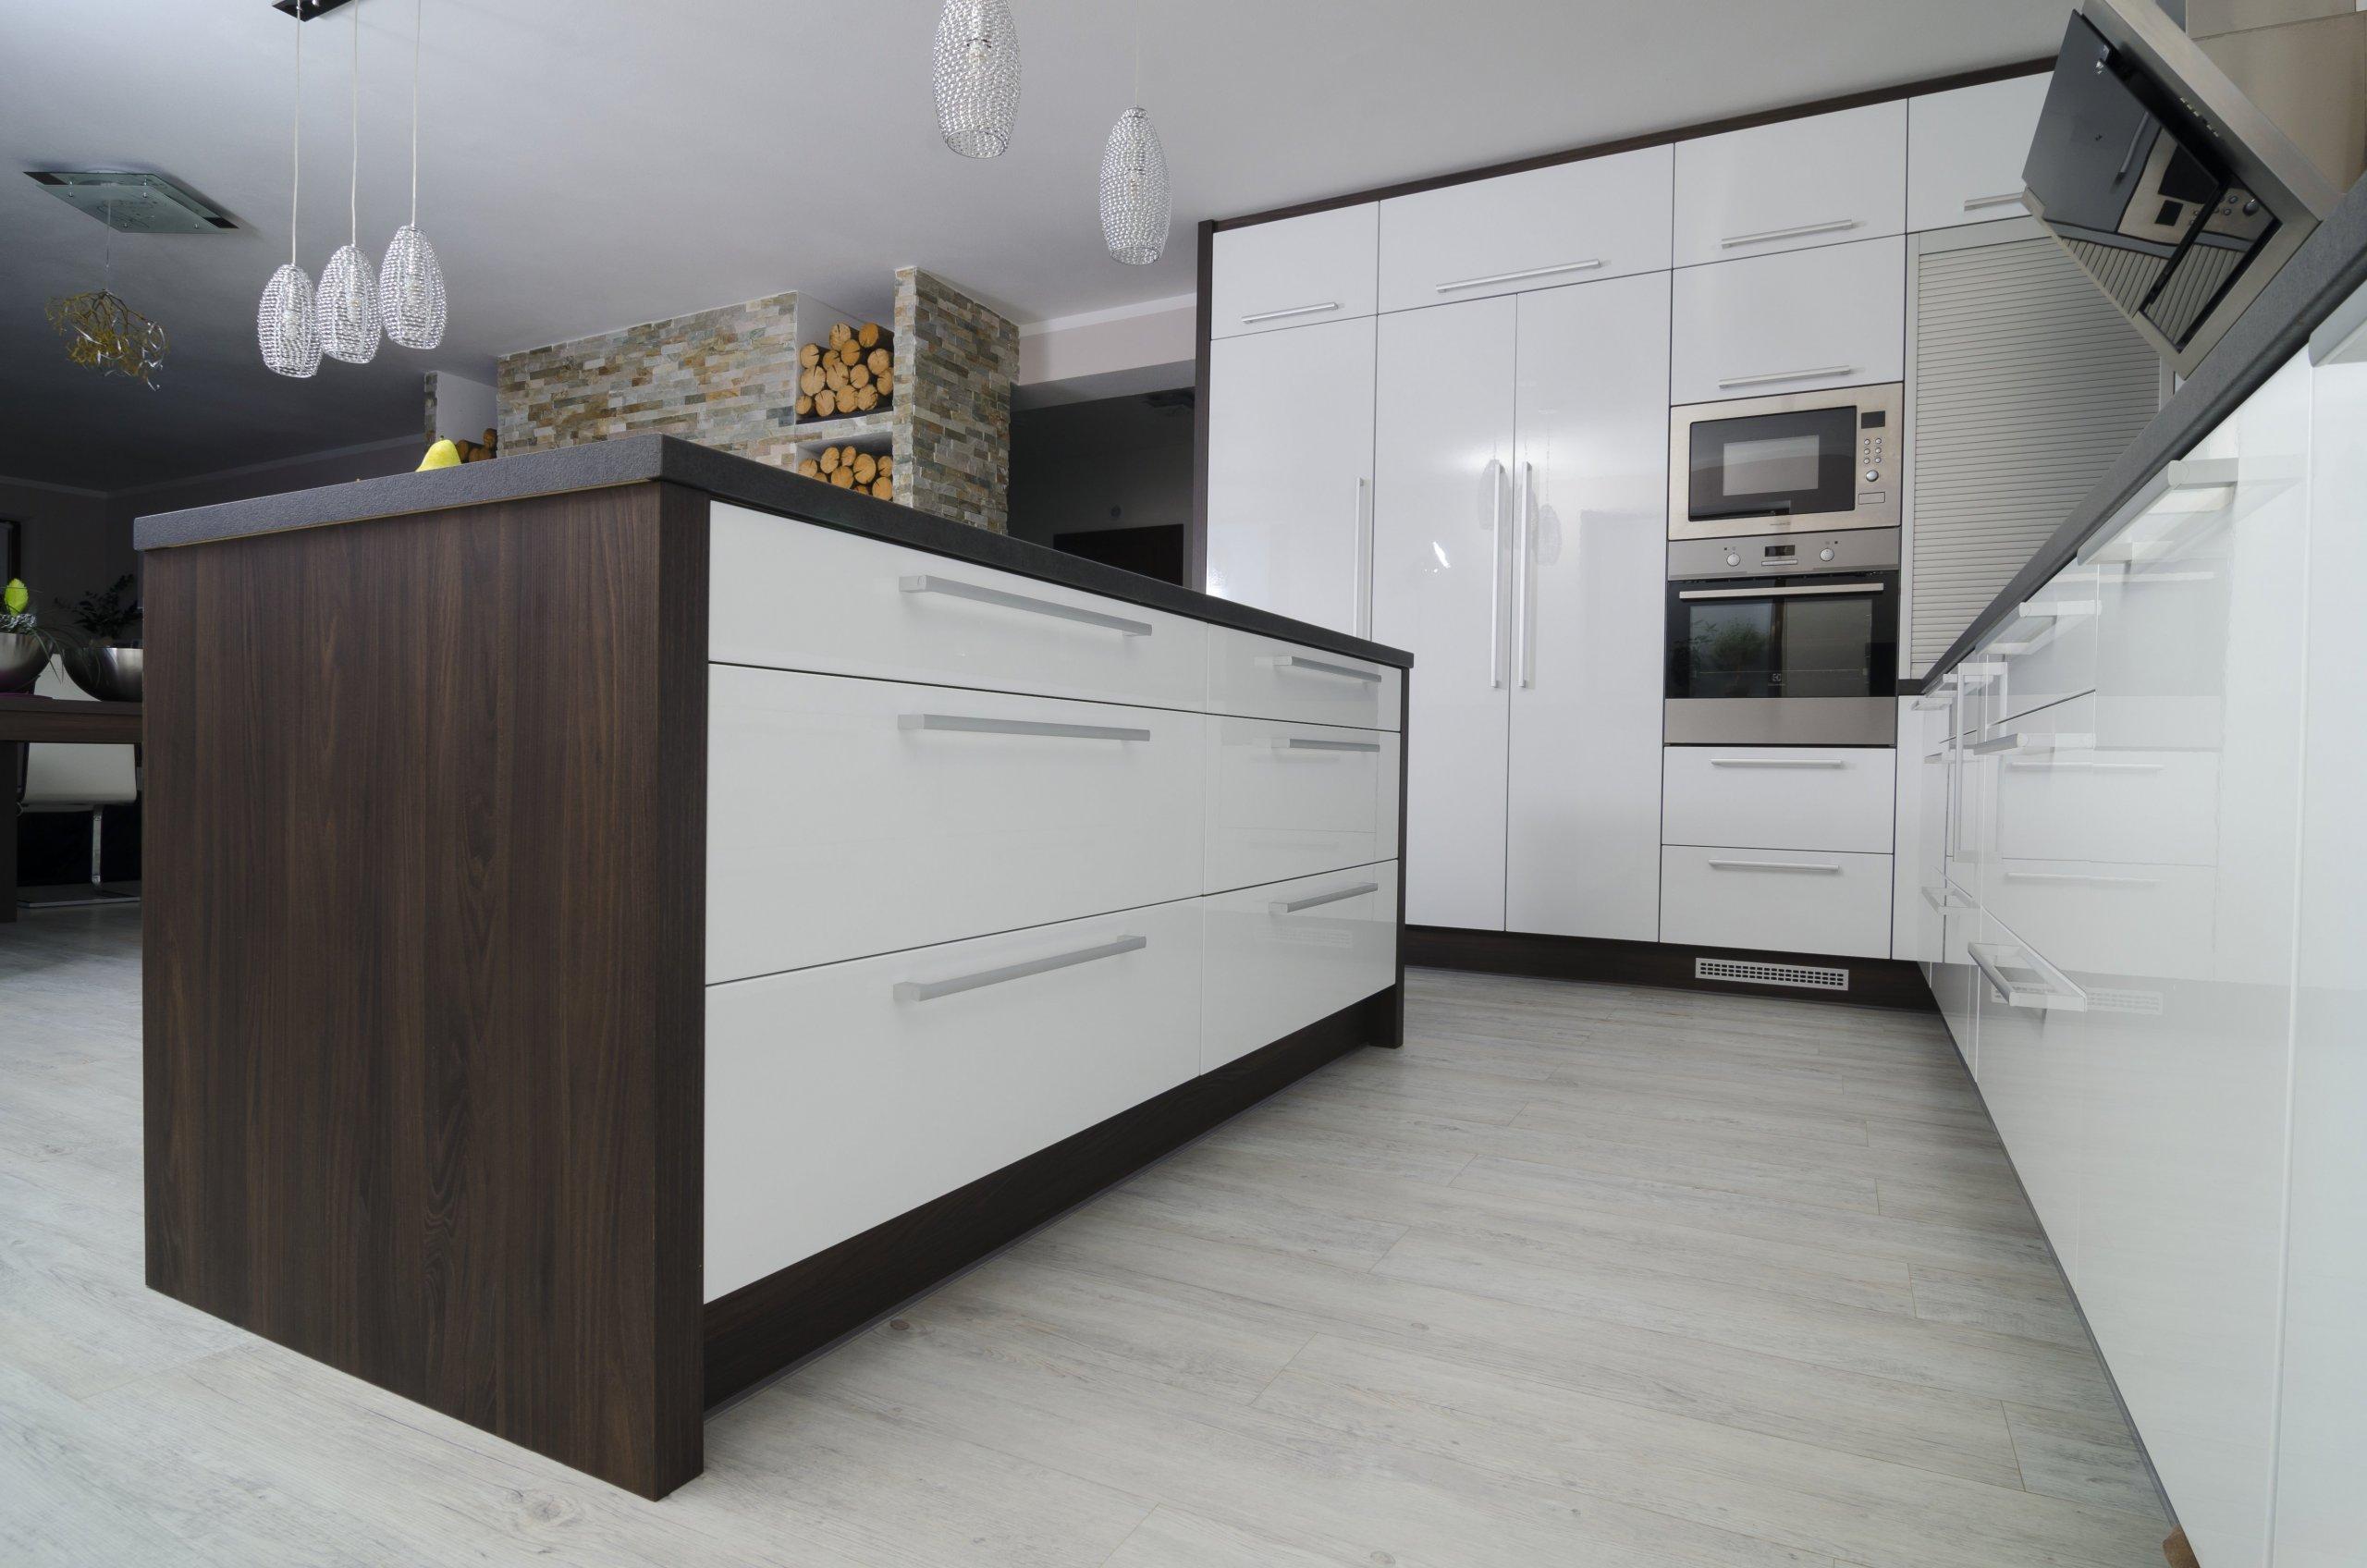 Kuchyň s jídelnou a obývacím pokojem